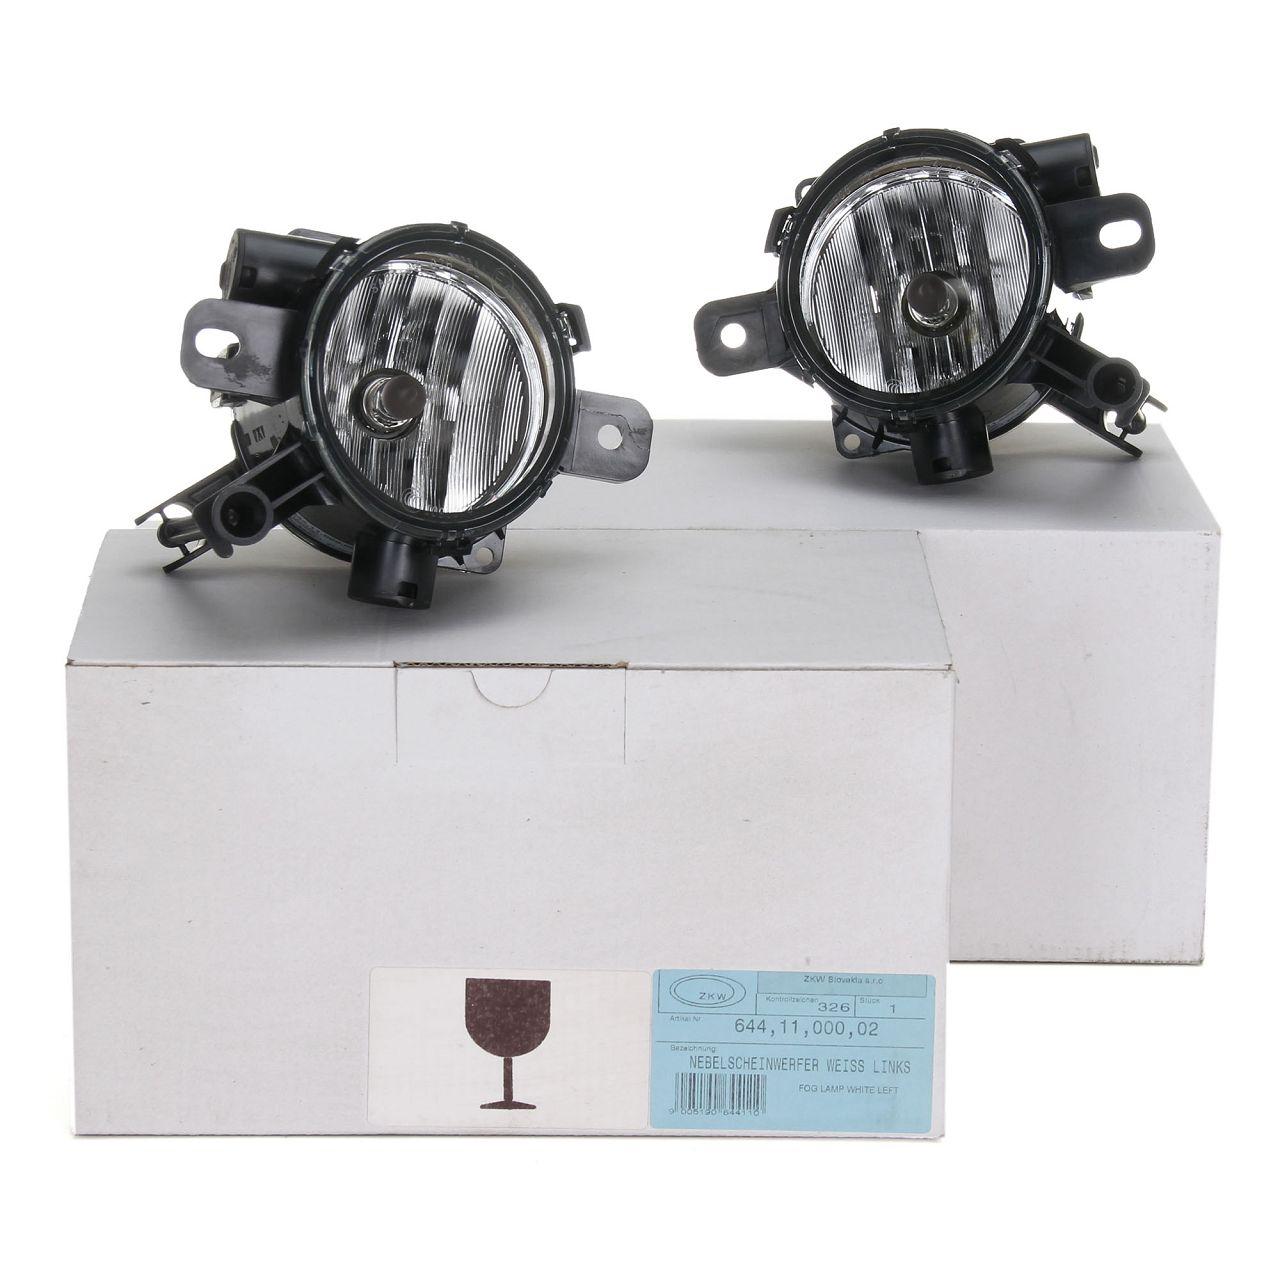 2x ZKW Nebelscheinwerfer für OPEL ZAFIRA B ab Fgst.-Nr. 82093335 links + rechts